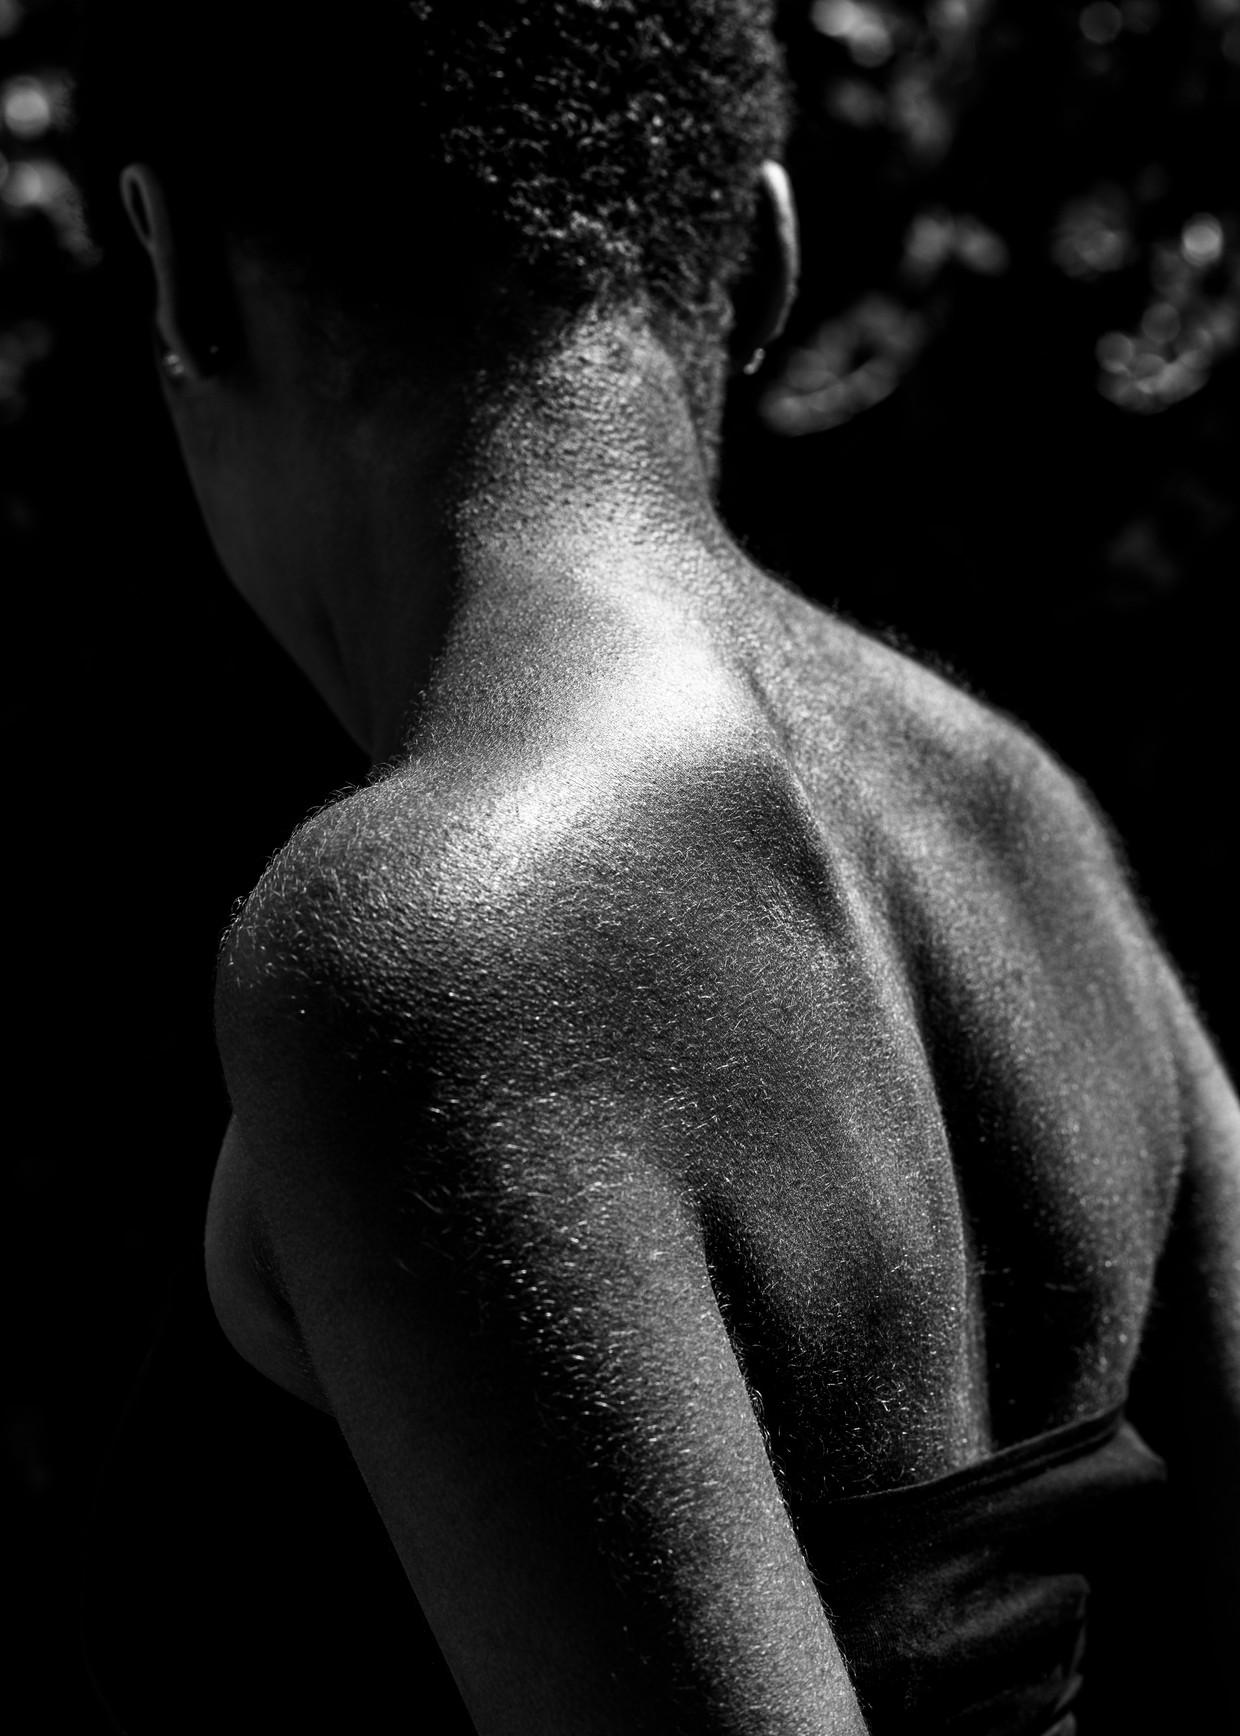 Een jonge patiënt met sikkelcelziekte heeft extra haargroei als gevolg van medicatie. De aandoening komt (nog) niet voor bij autochtone Nederlanders.